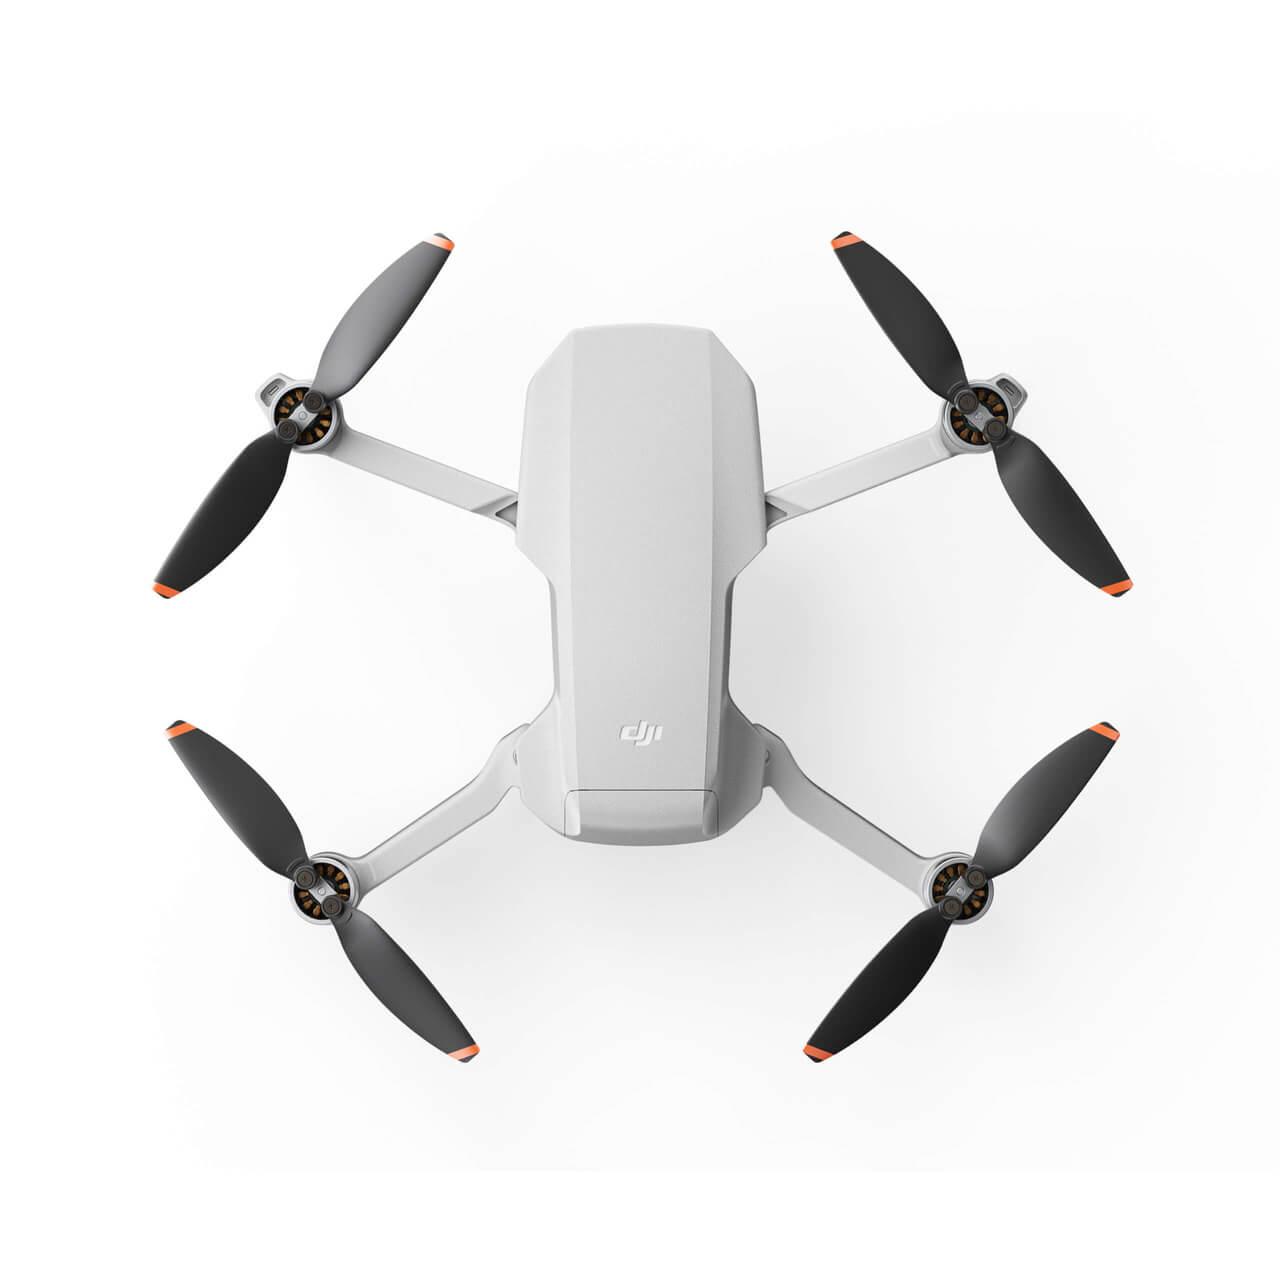 DJI MINI 2 Dronas (6)